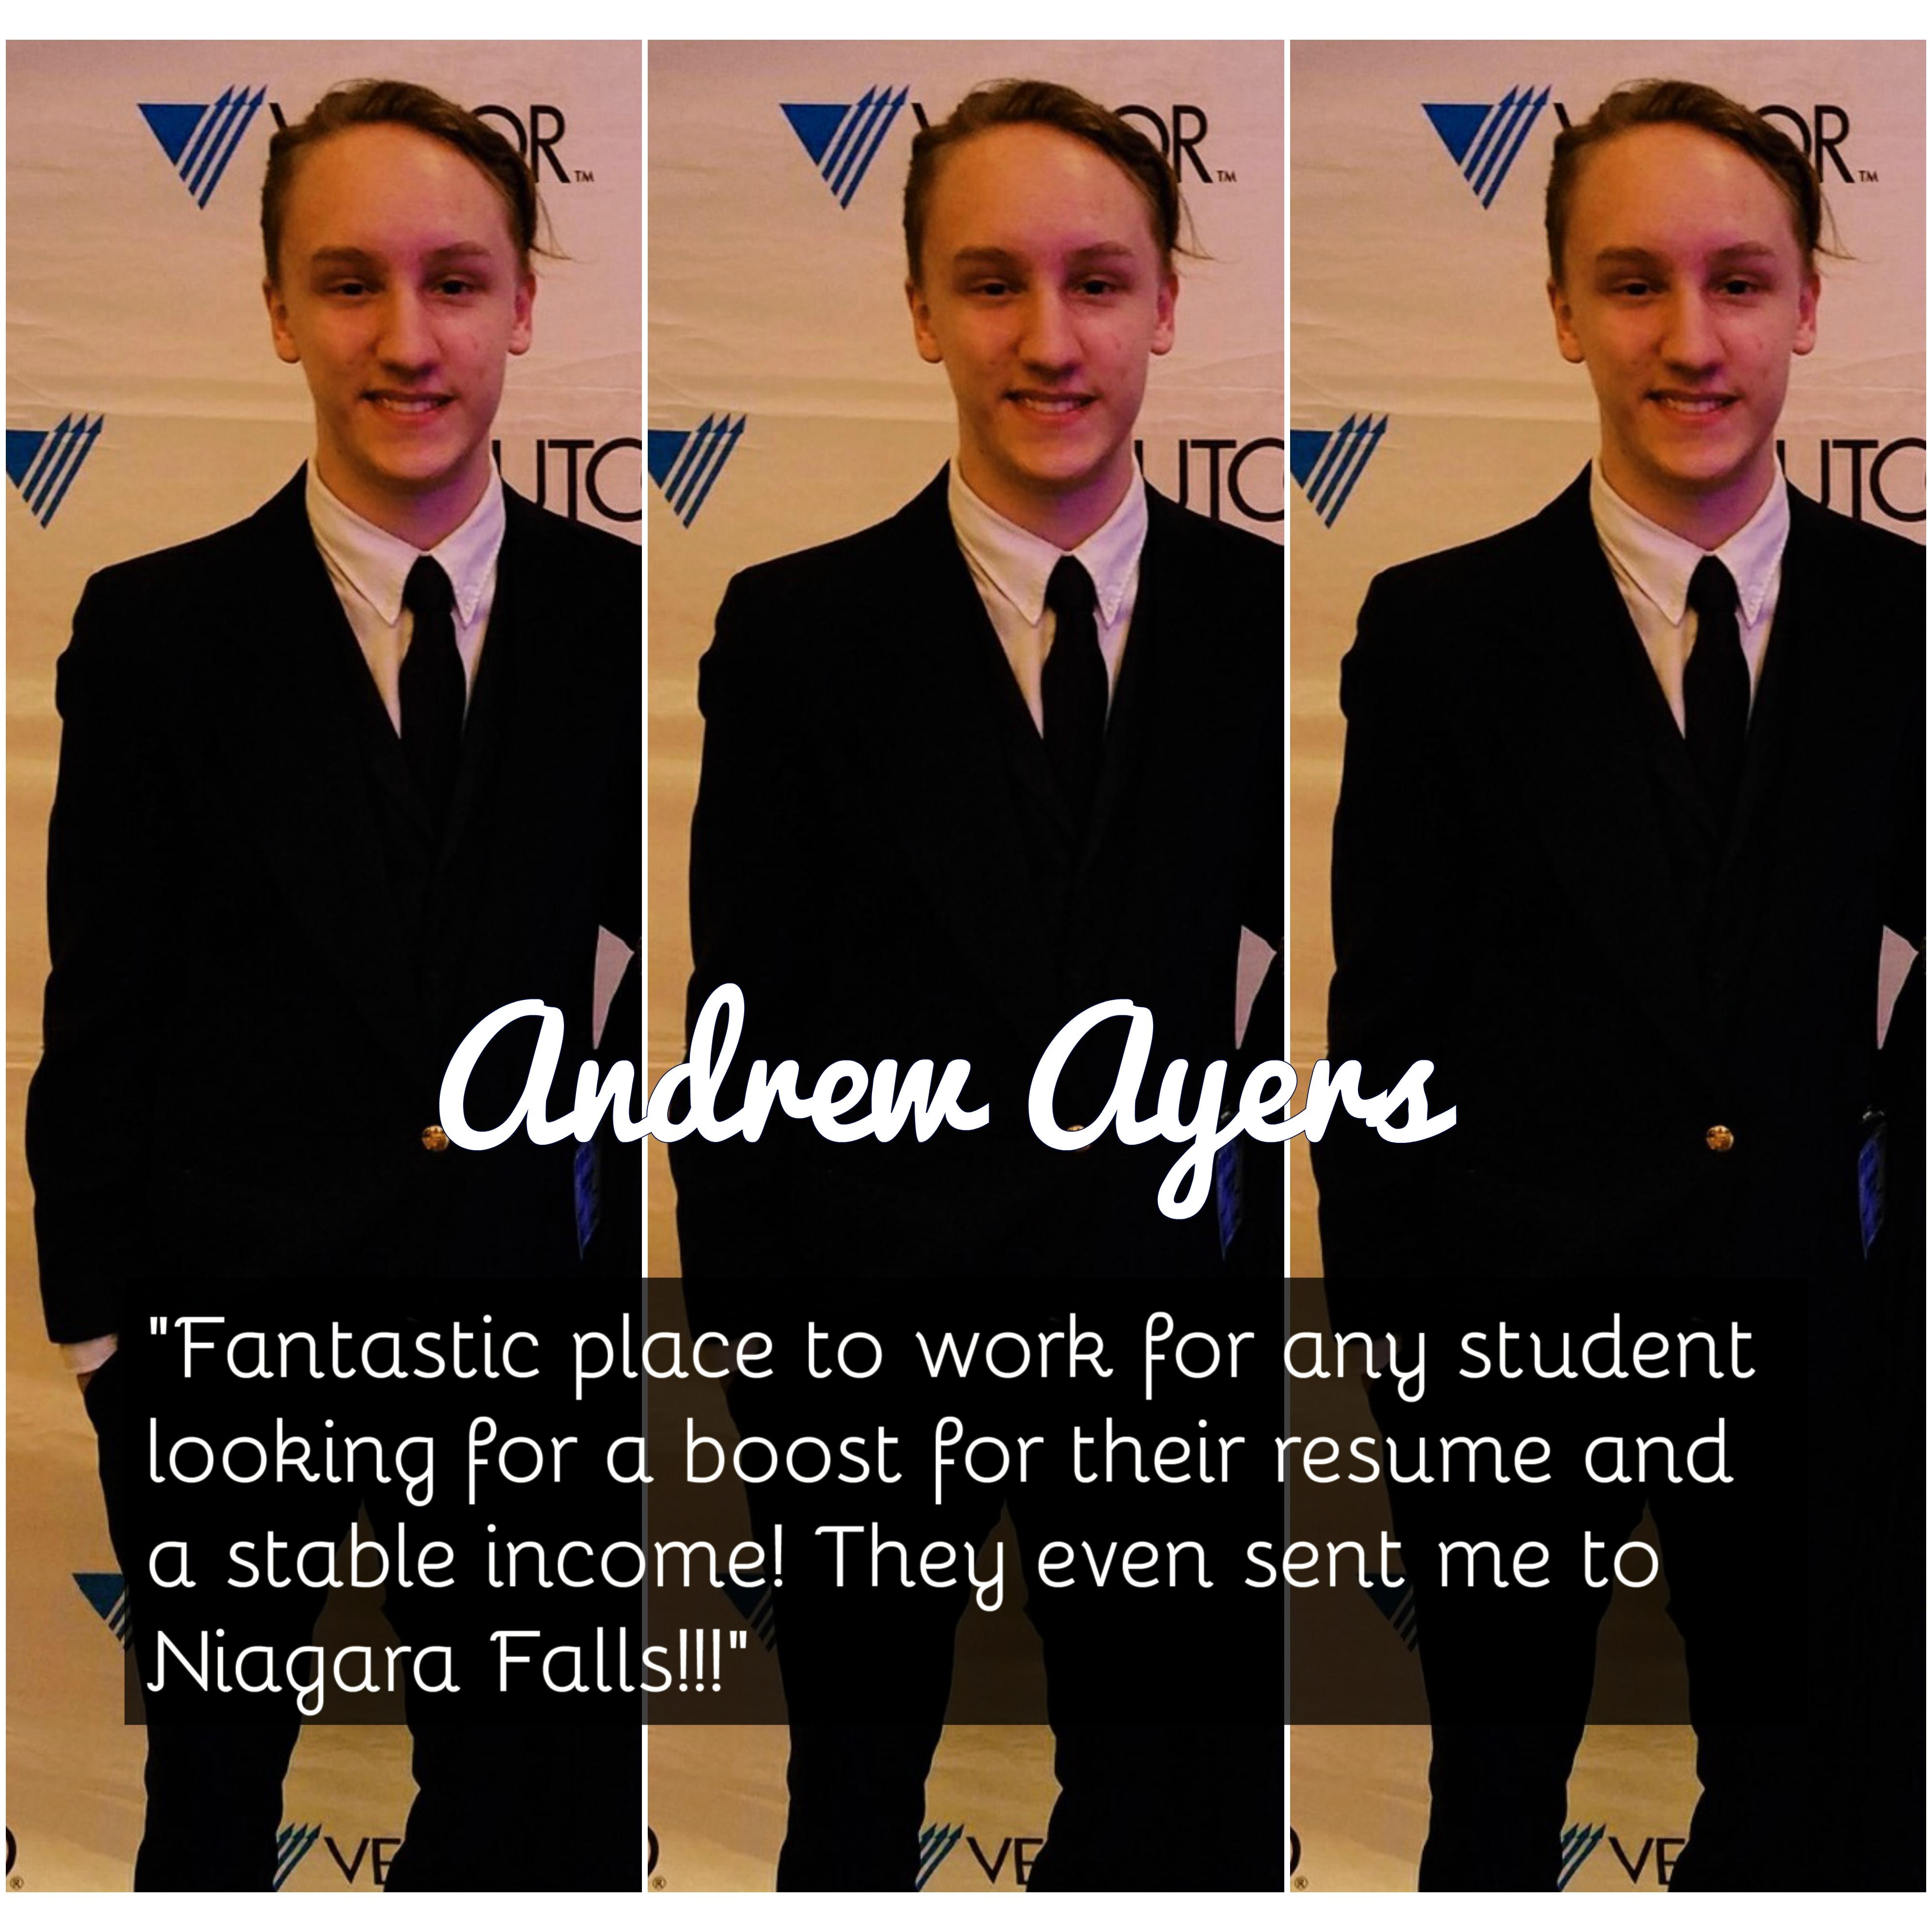 Andrew Ayers